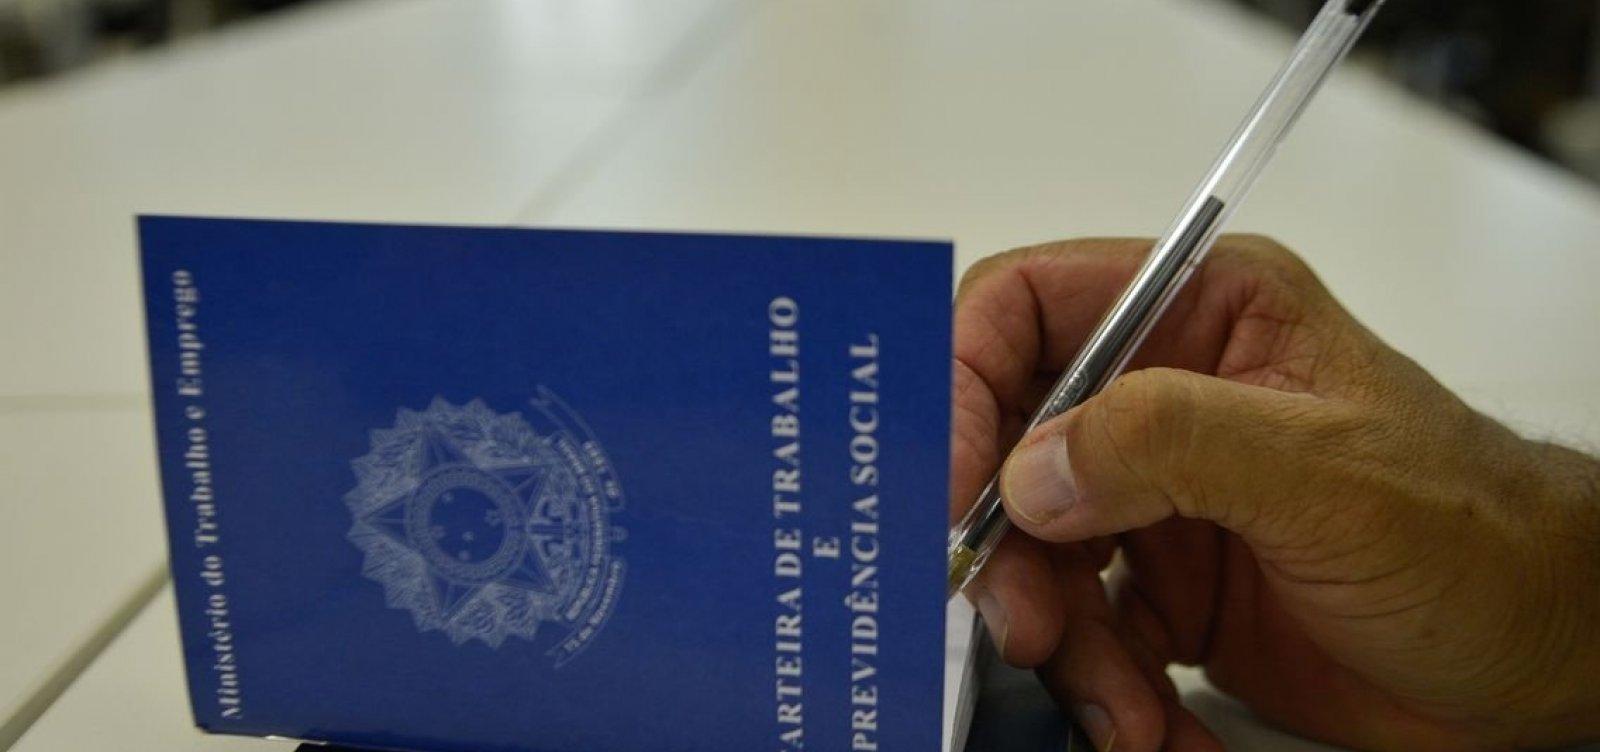 Brasil tem o sexto maior mercado de trabalho informal do mundo, mostra levantamento